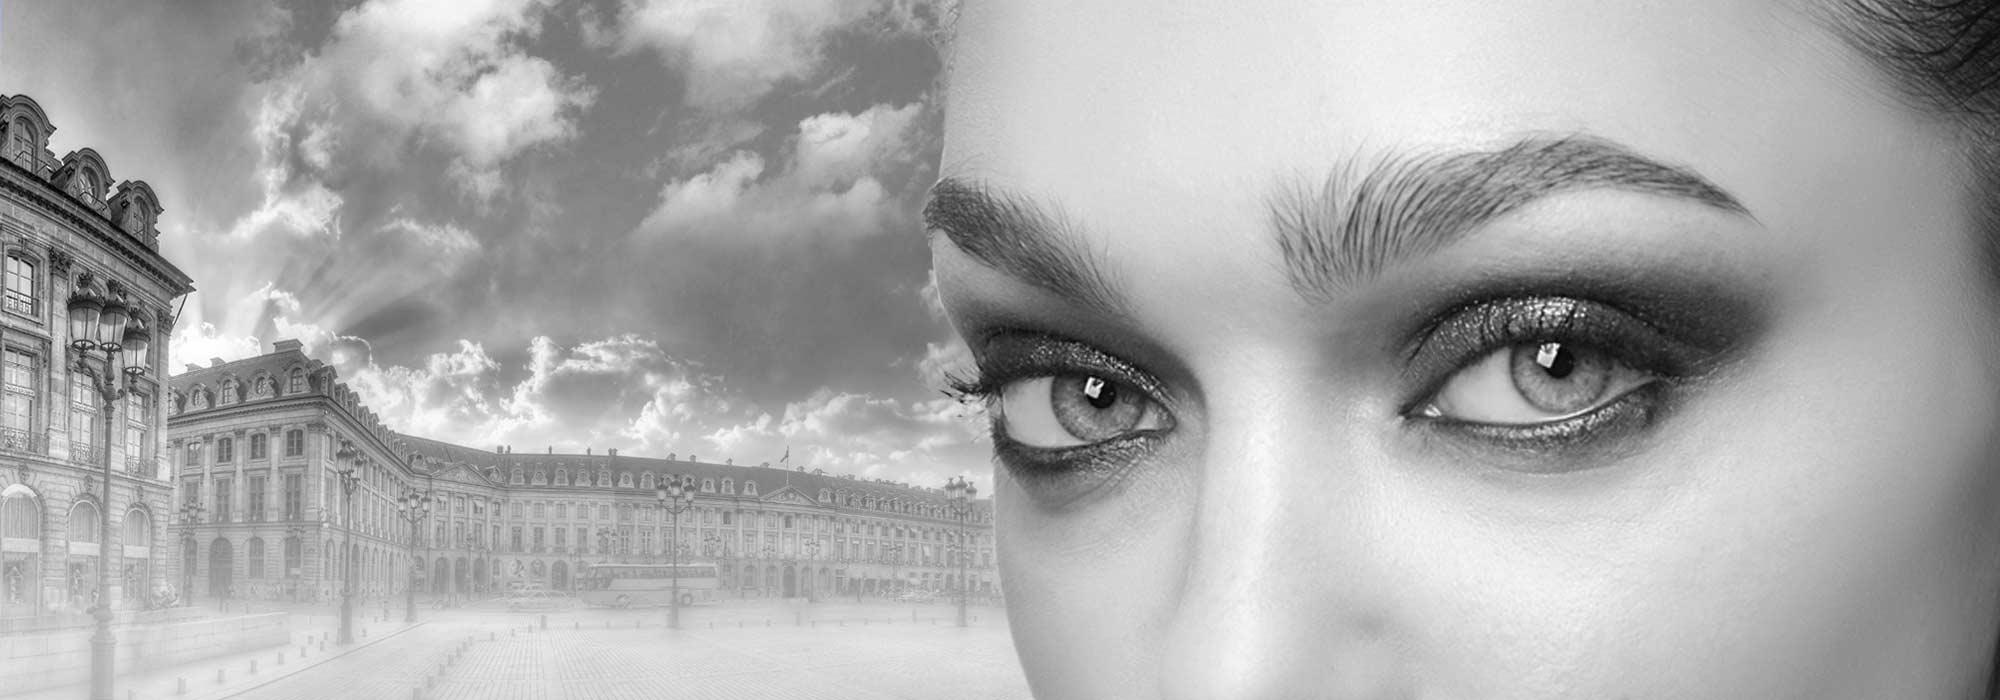 Vallée des larmes injection d'Acide Hyaluronique Dr Cozanet Paris